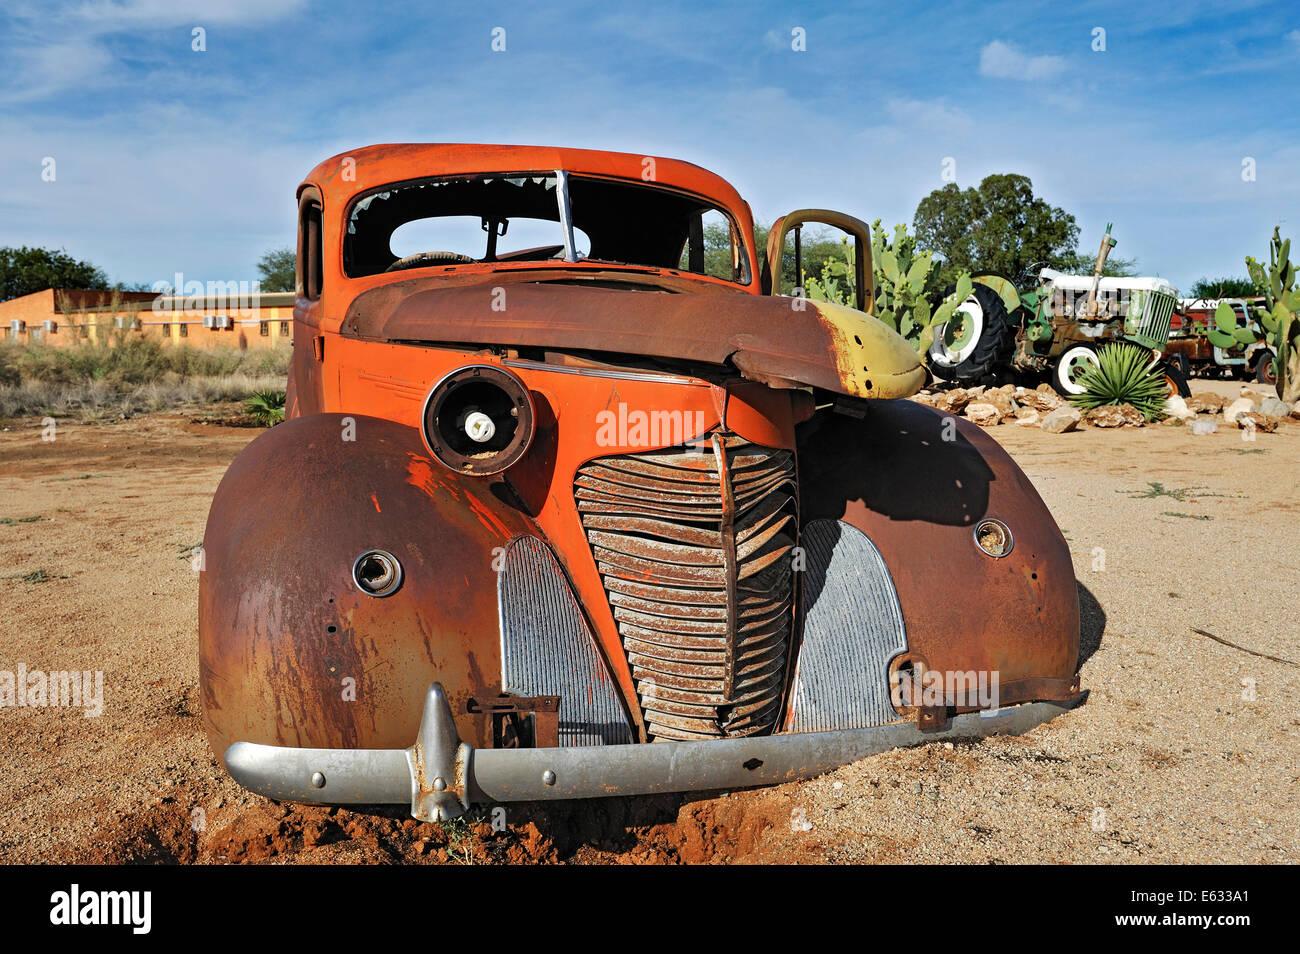 Carcasse de voiture, Solitaire, historiquement Areb, depuis 1848 un petit règlement privé sur le même Photo Stock